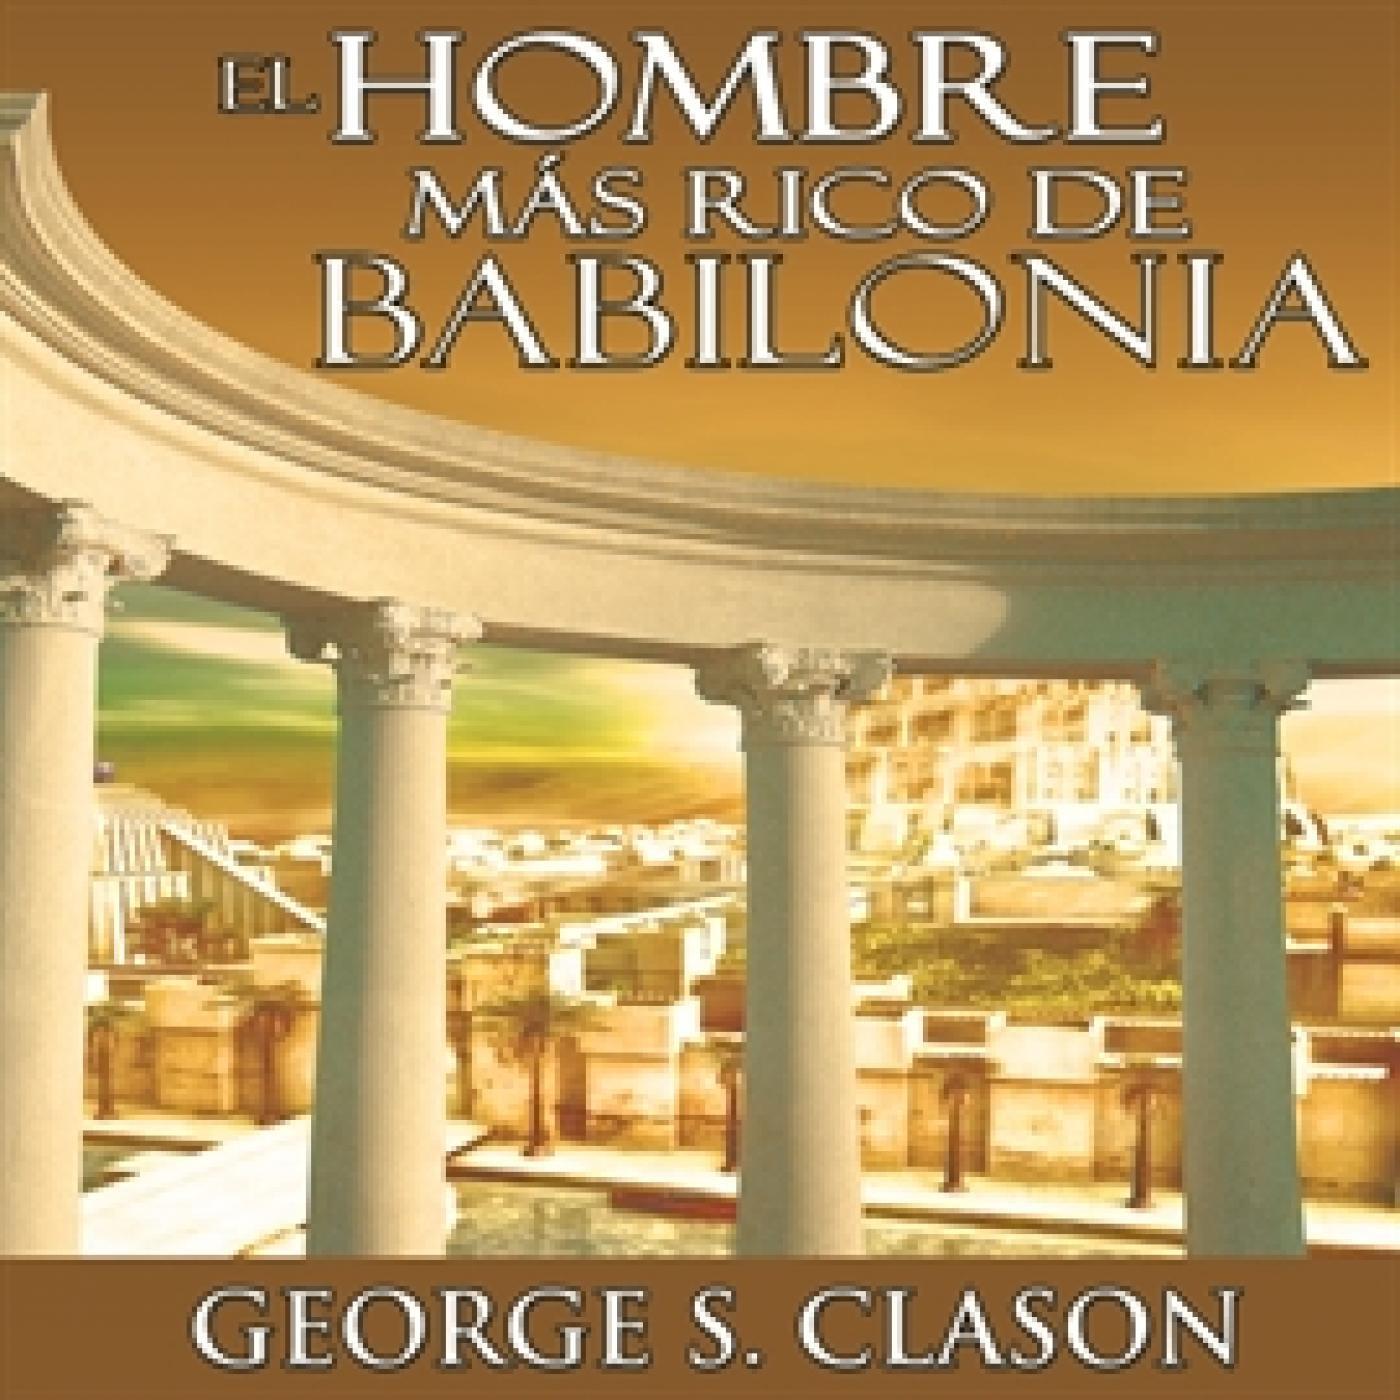 El hombre mas rico de Babilonia 09 Voz Humana en Audio-Libro en mp3(09/06 a las 23:50:30) 25:01